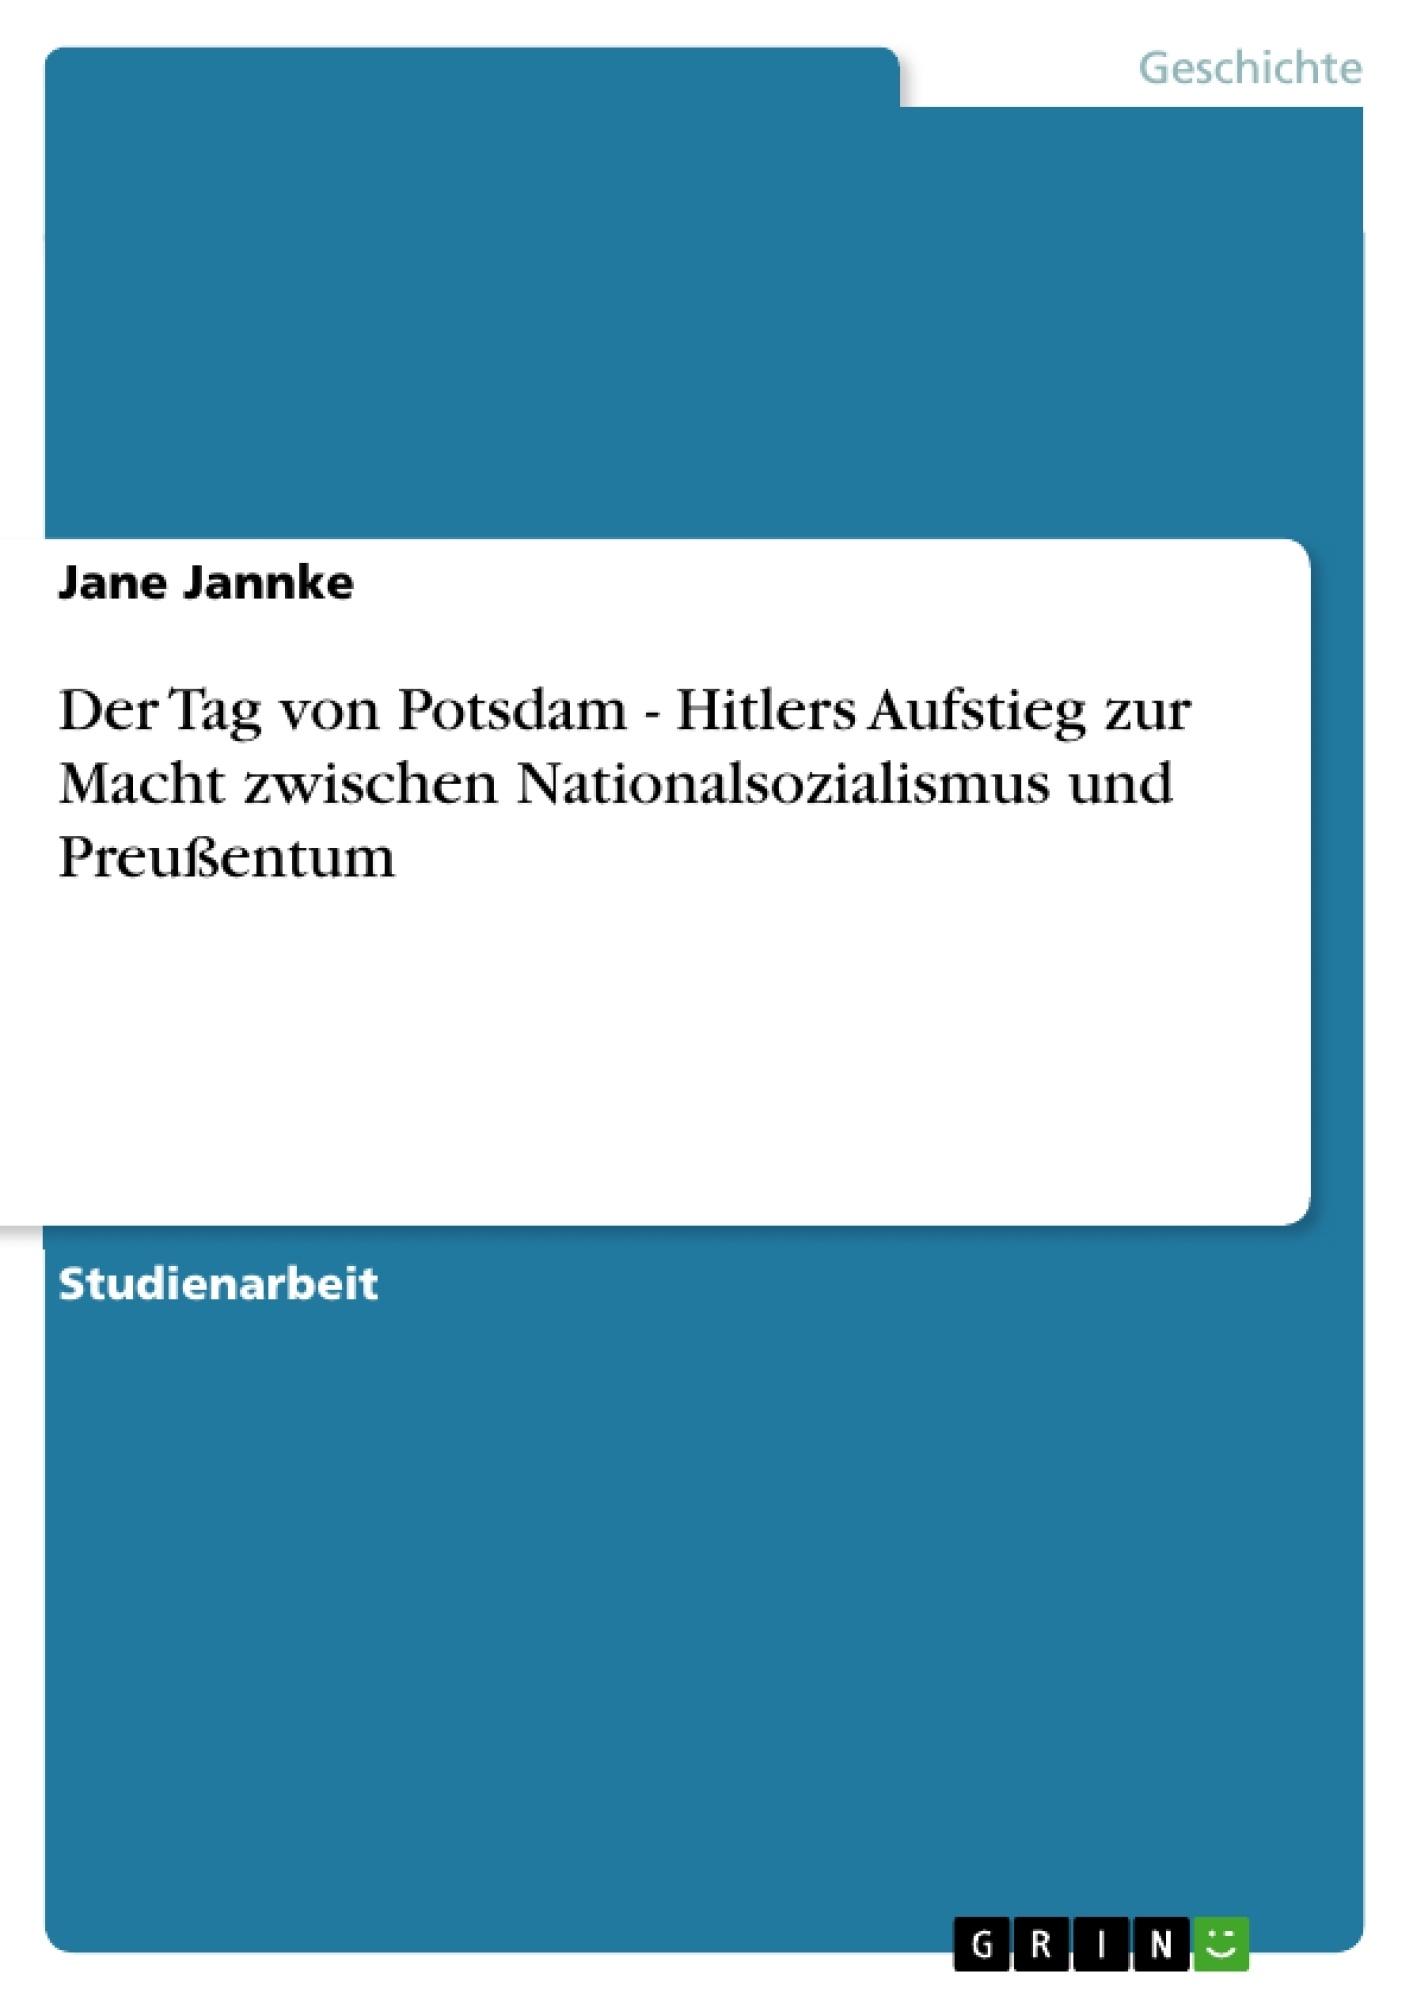 Titel: Der Tag von Potsdam - Hitlers Aufstieg zur Macht zwischen Nationalsozialismus und Preußentum